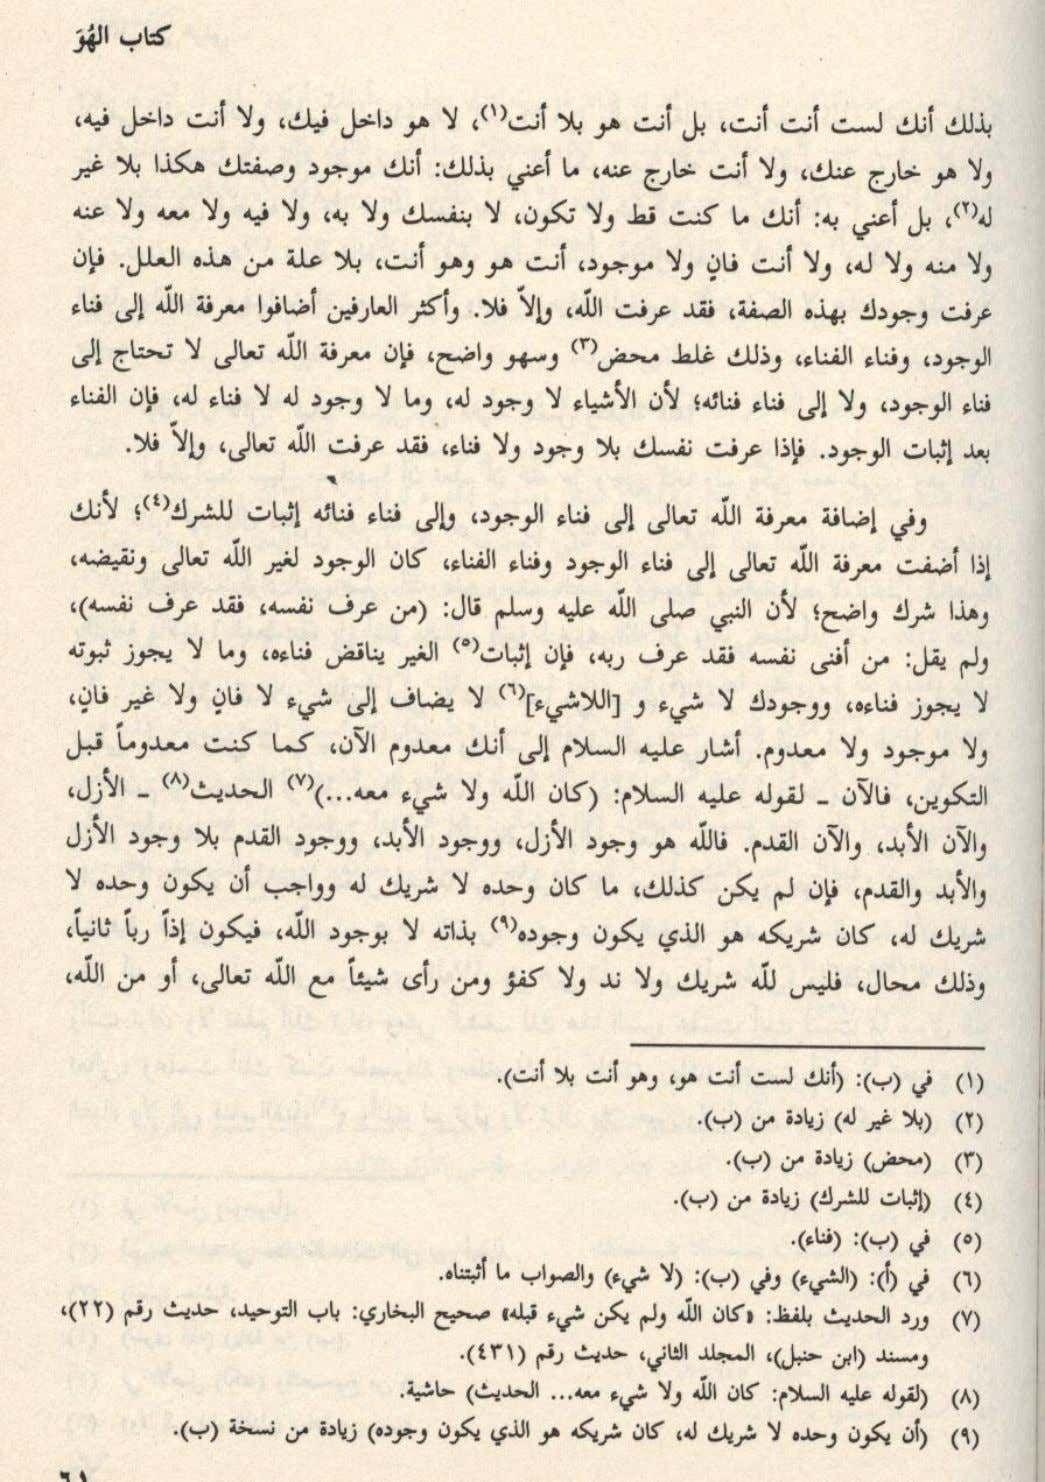 ضحايا كتاب شمس المعارف pdf